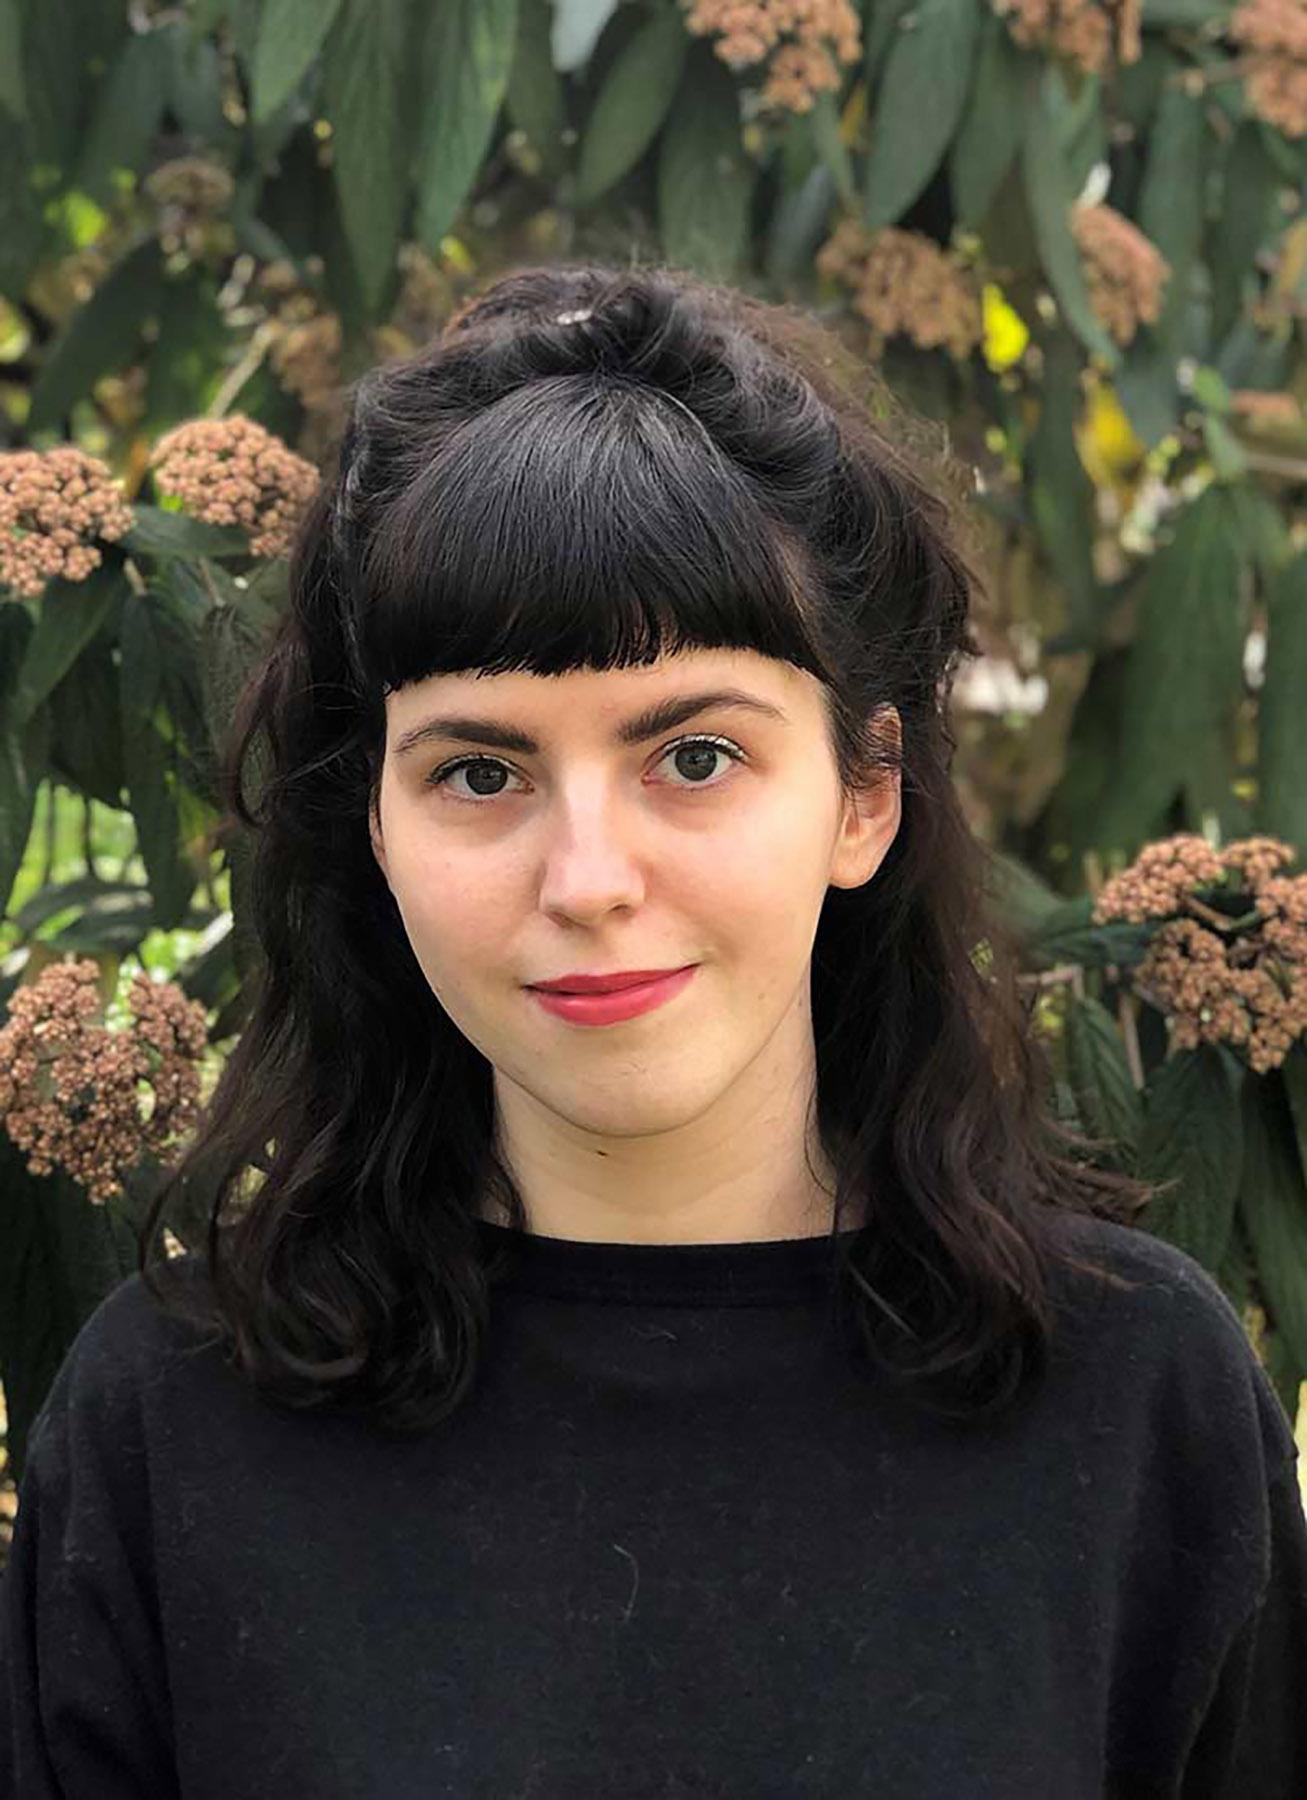 domi gratz, featured female artist, munchies art club, story, interview